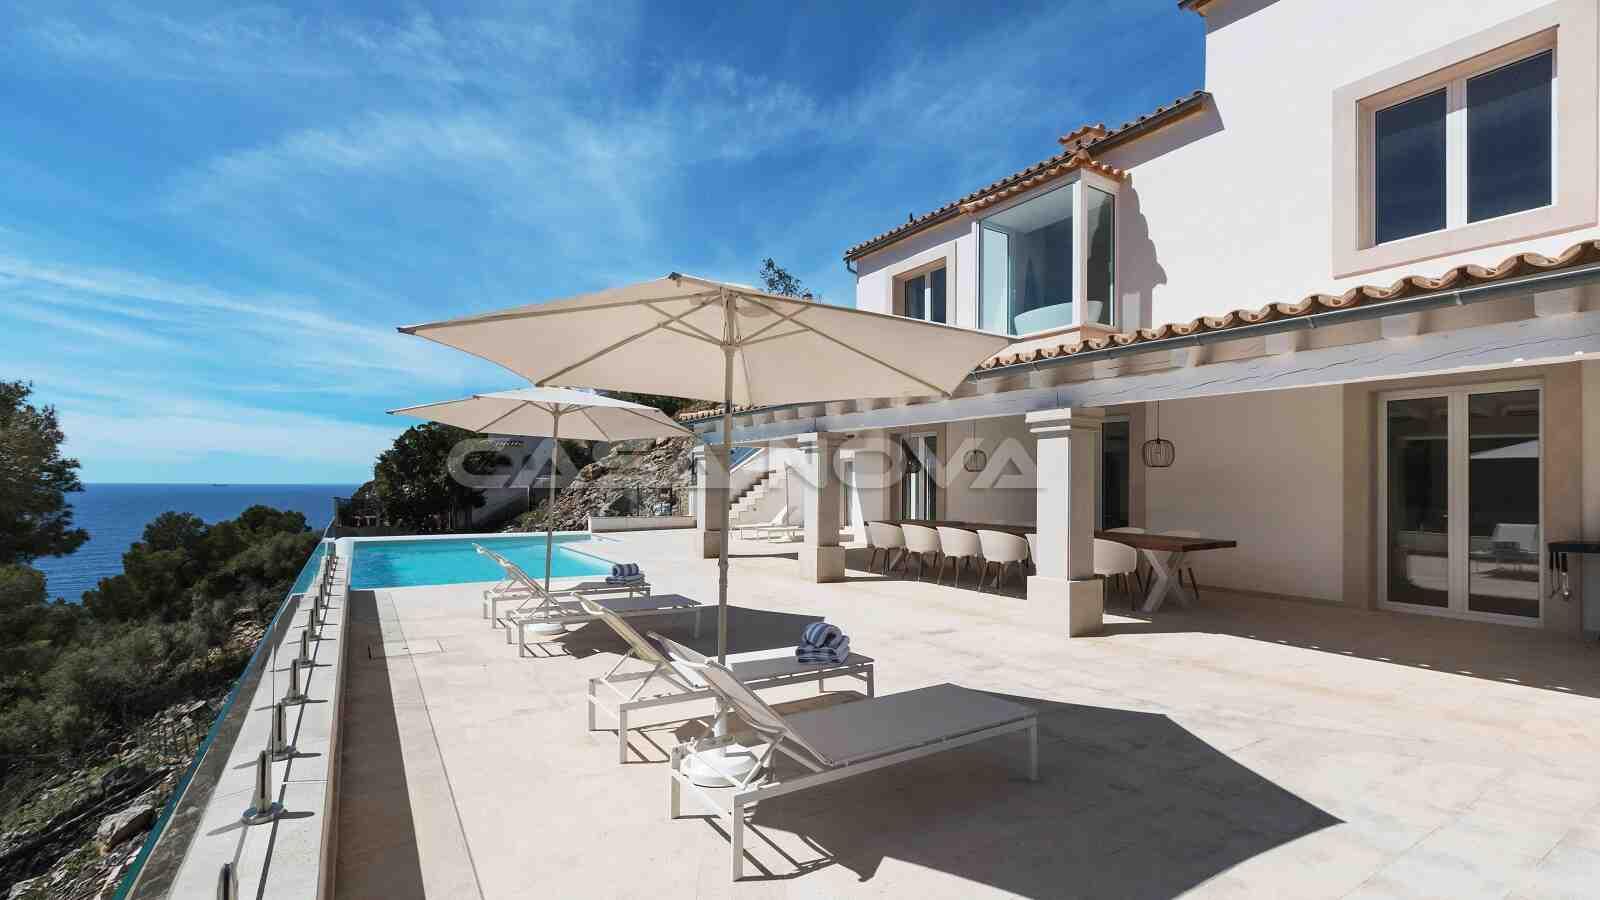 Ref. 2401735 - Hochwertige Neubauvilla mit Pool und Meerblick